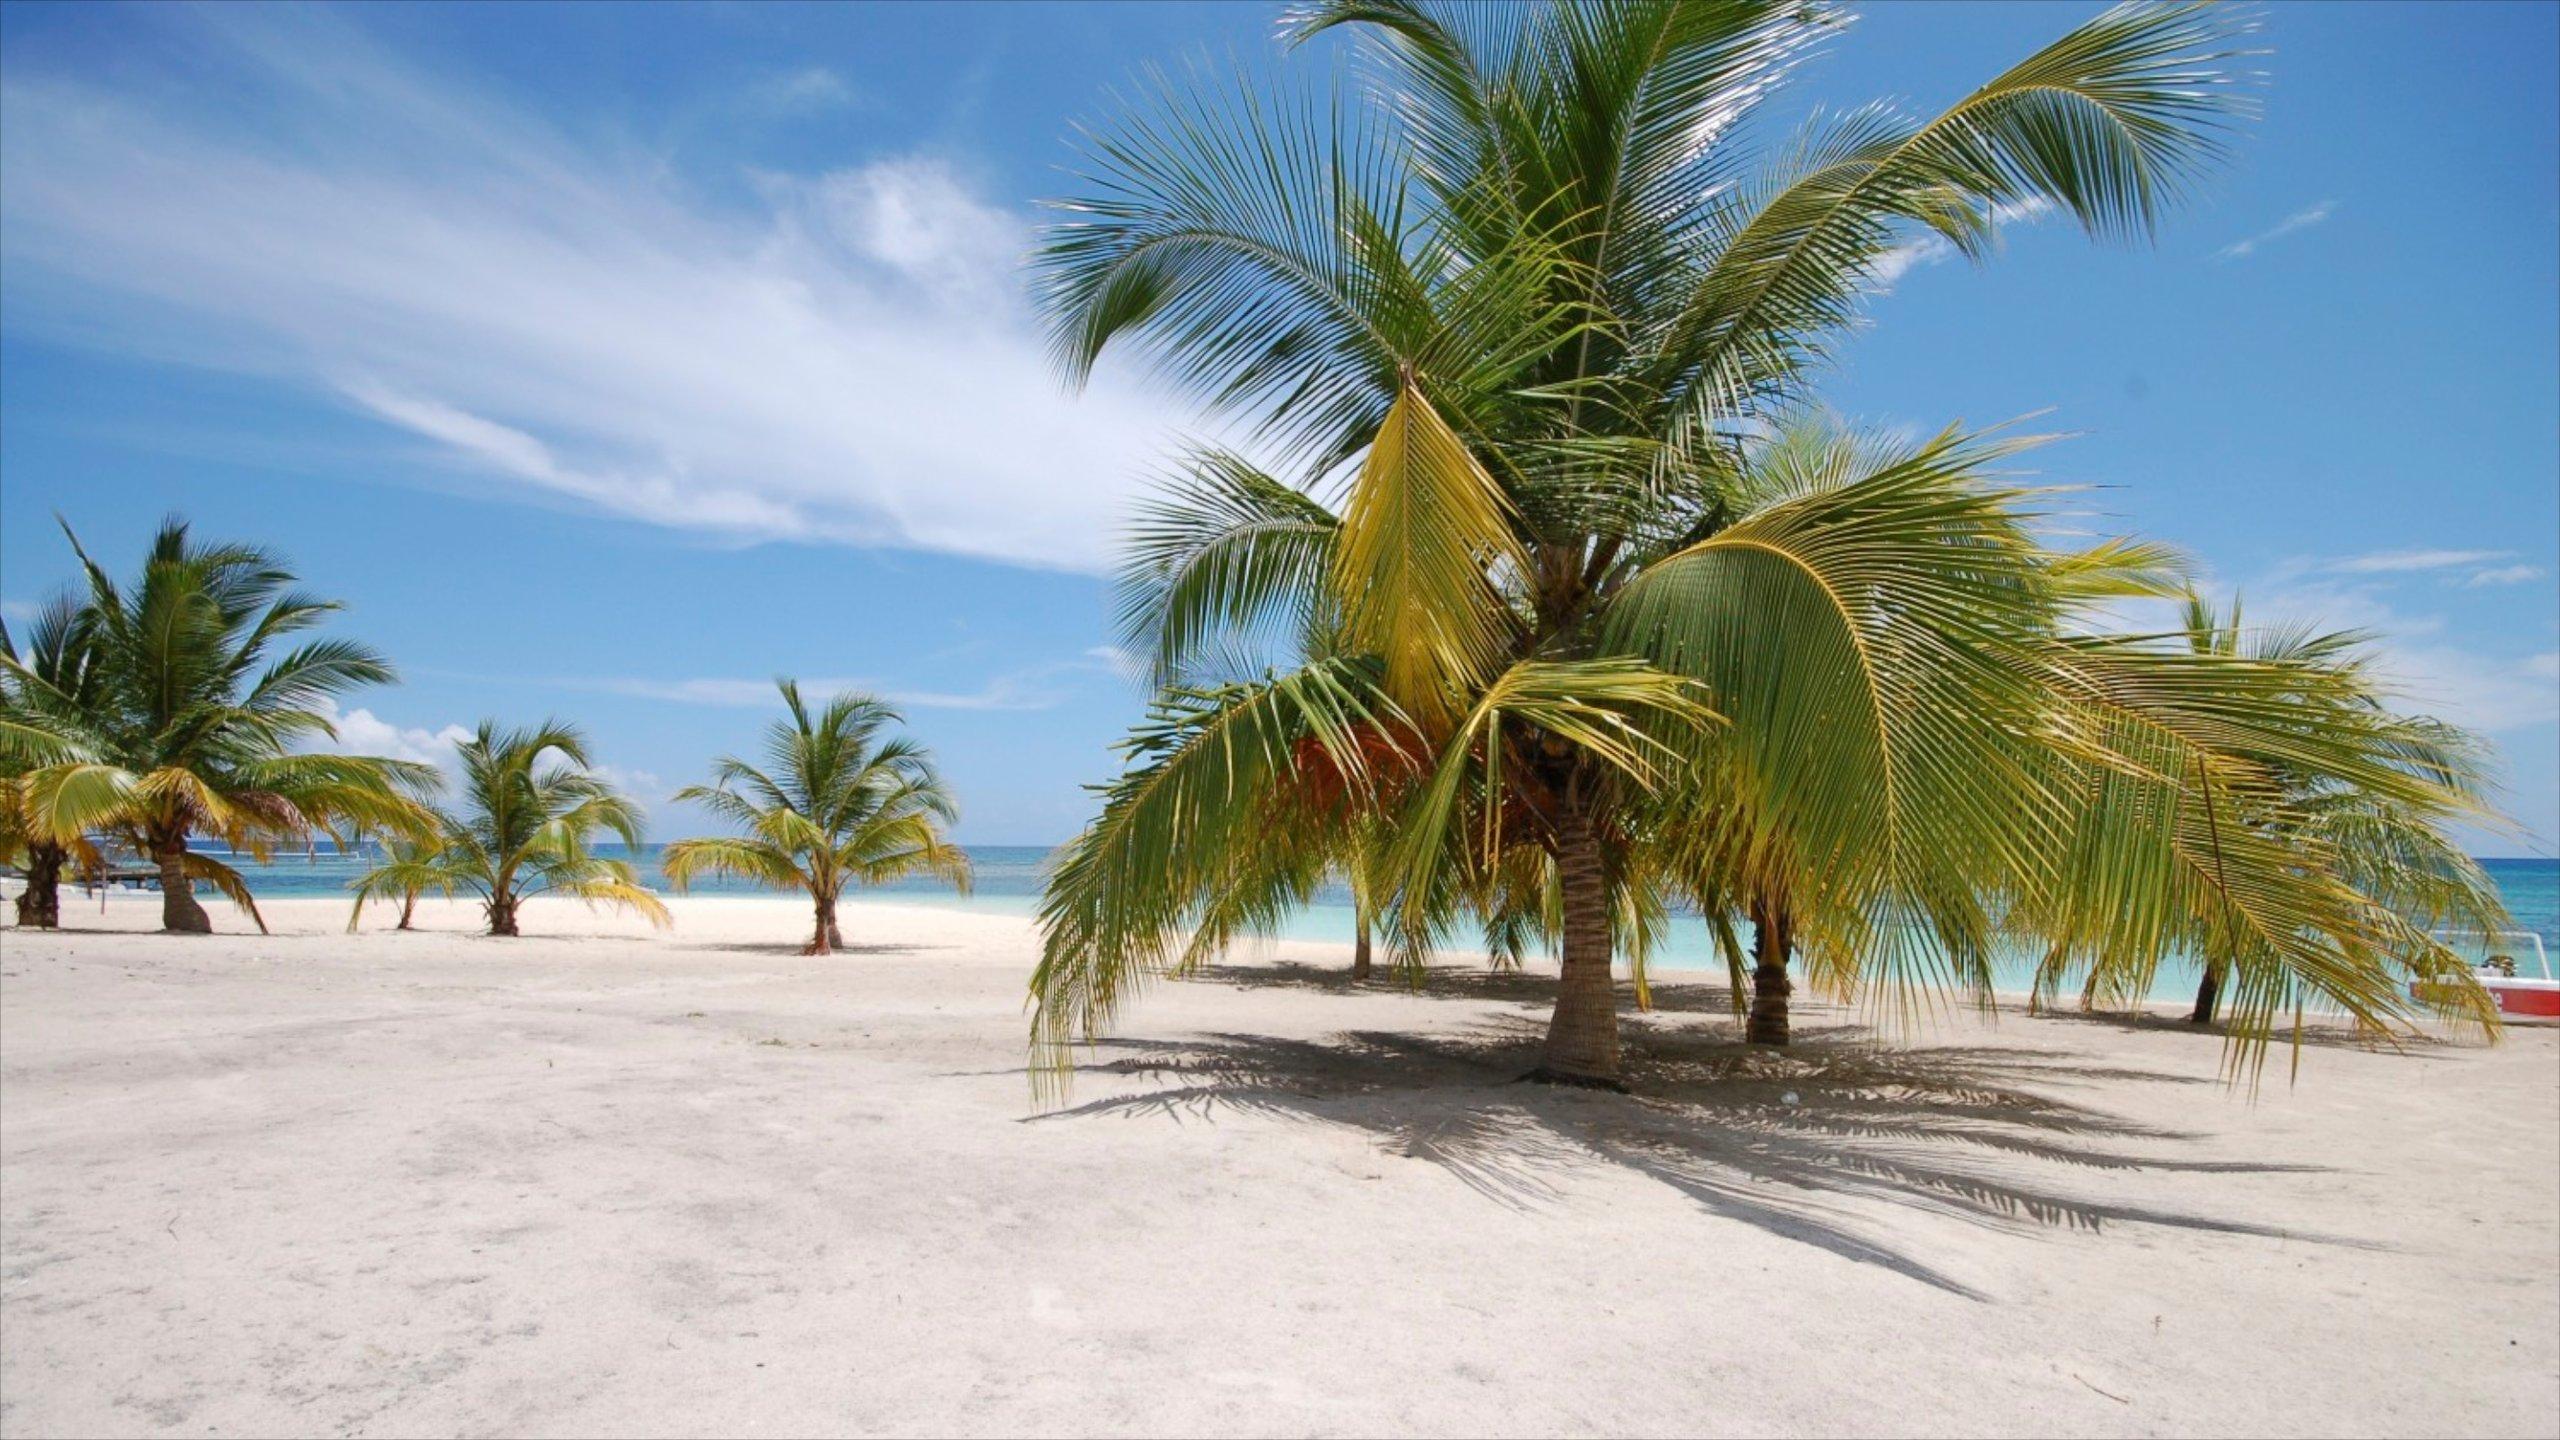 Parco Nazionale dell'Est, San Rafael del Yuma, La Altagracia, Repubblica Dominicana